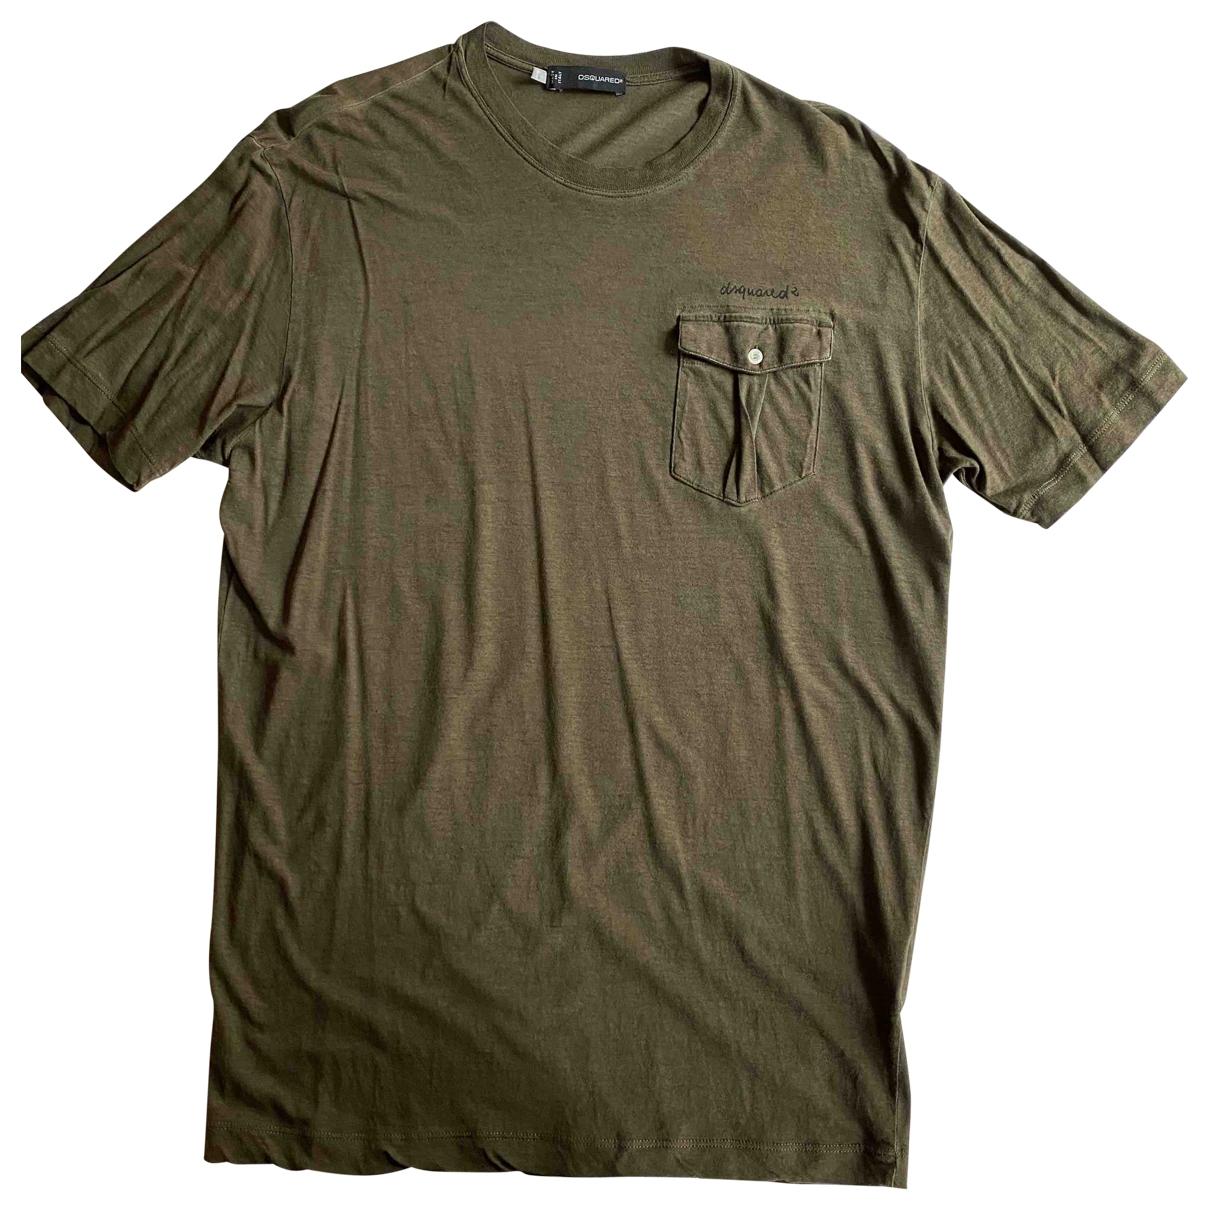 Dsquared2 - Tee shirts   pour homme en coton - vert